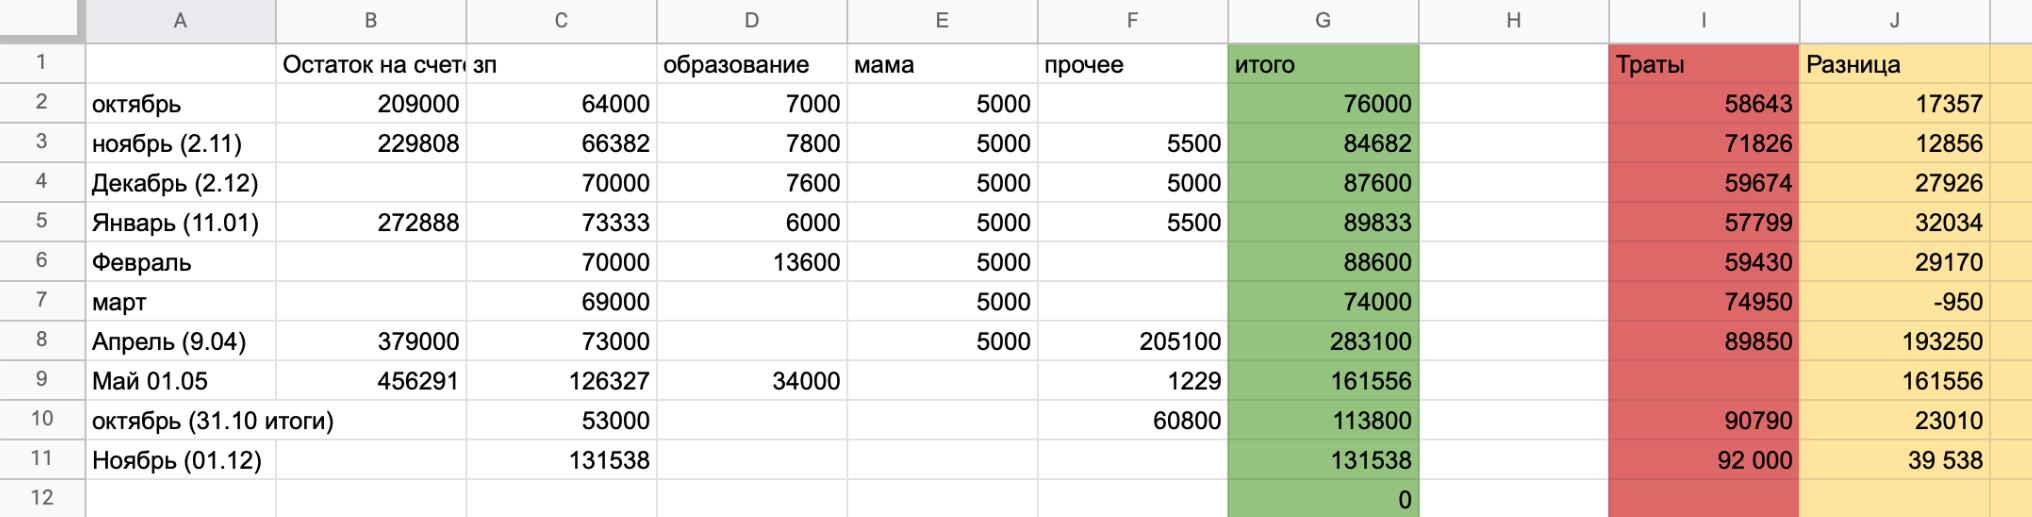 Так выглядит моя таблица